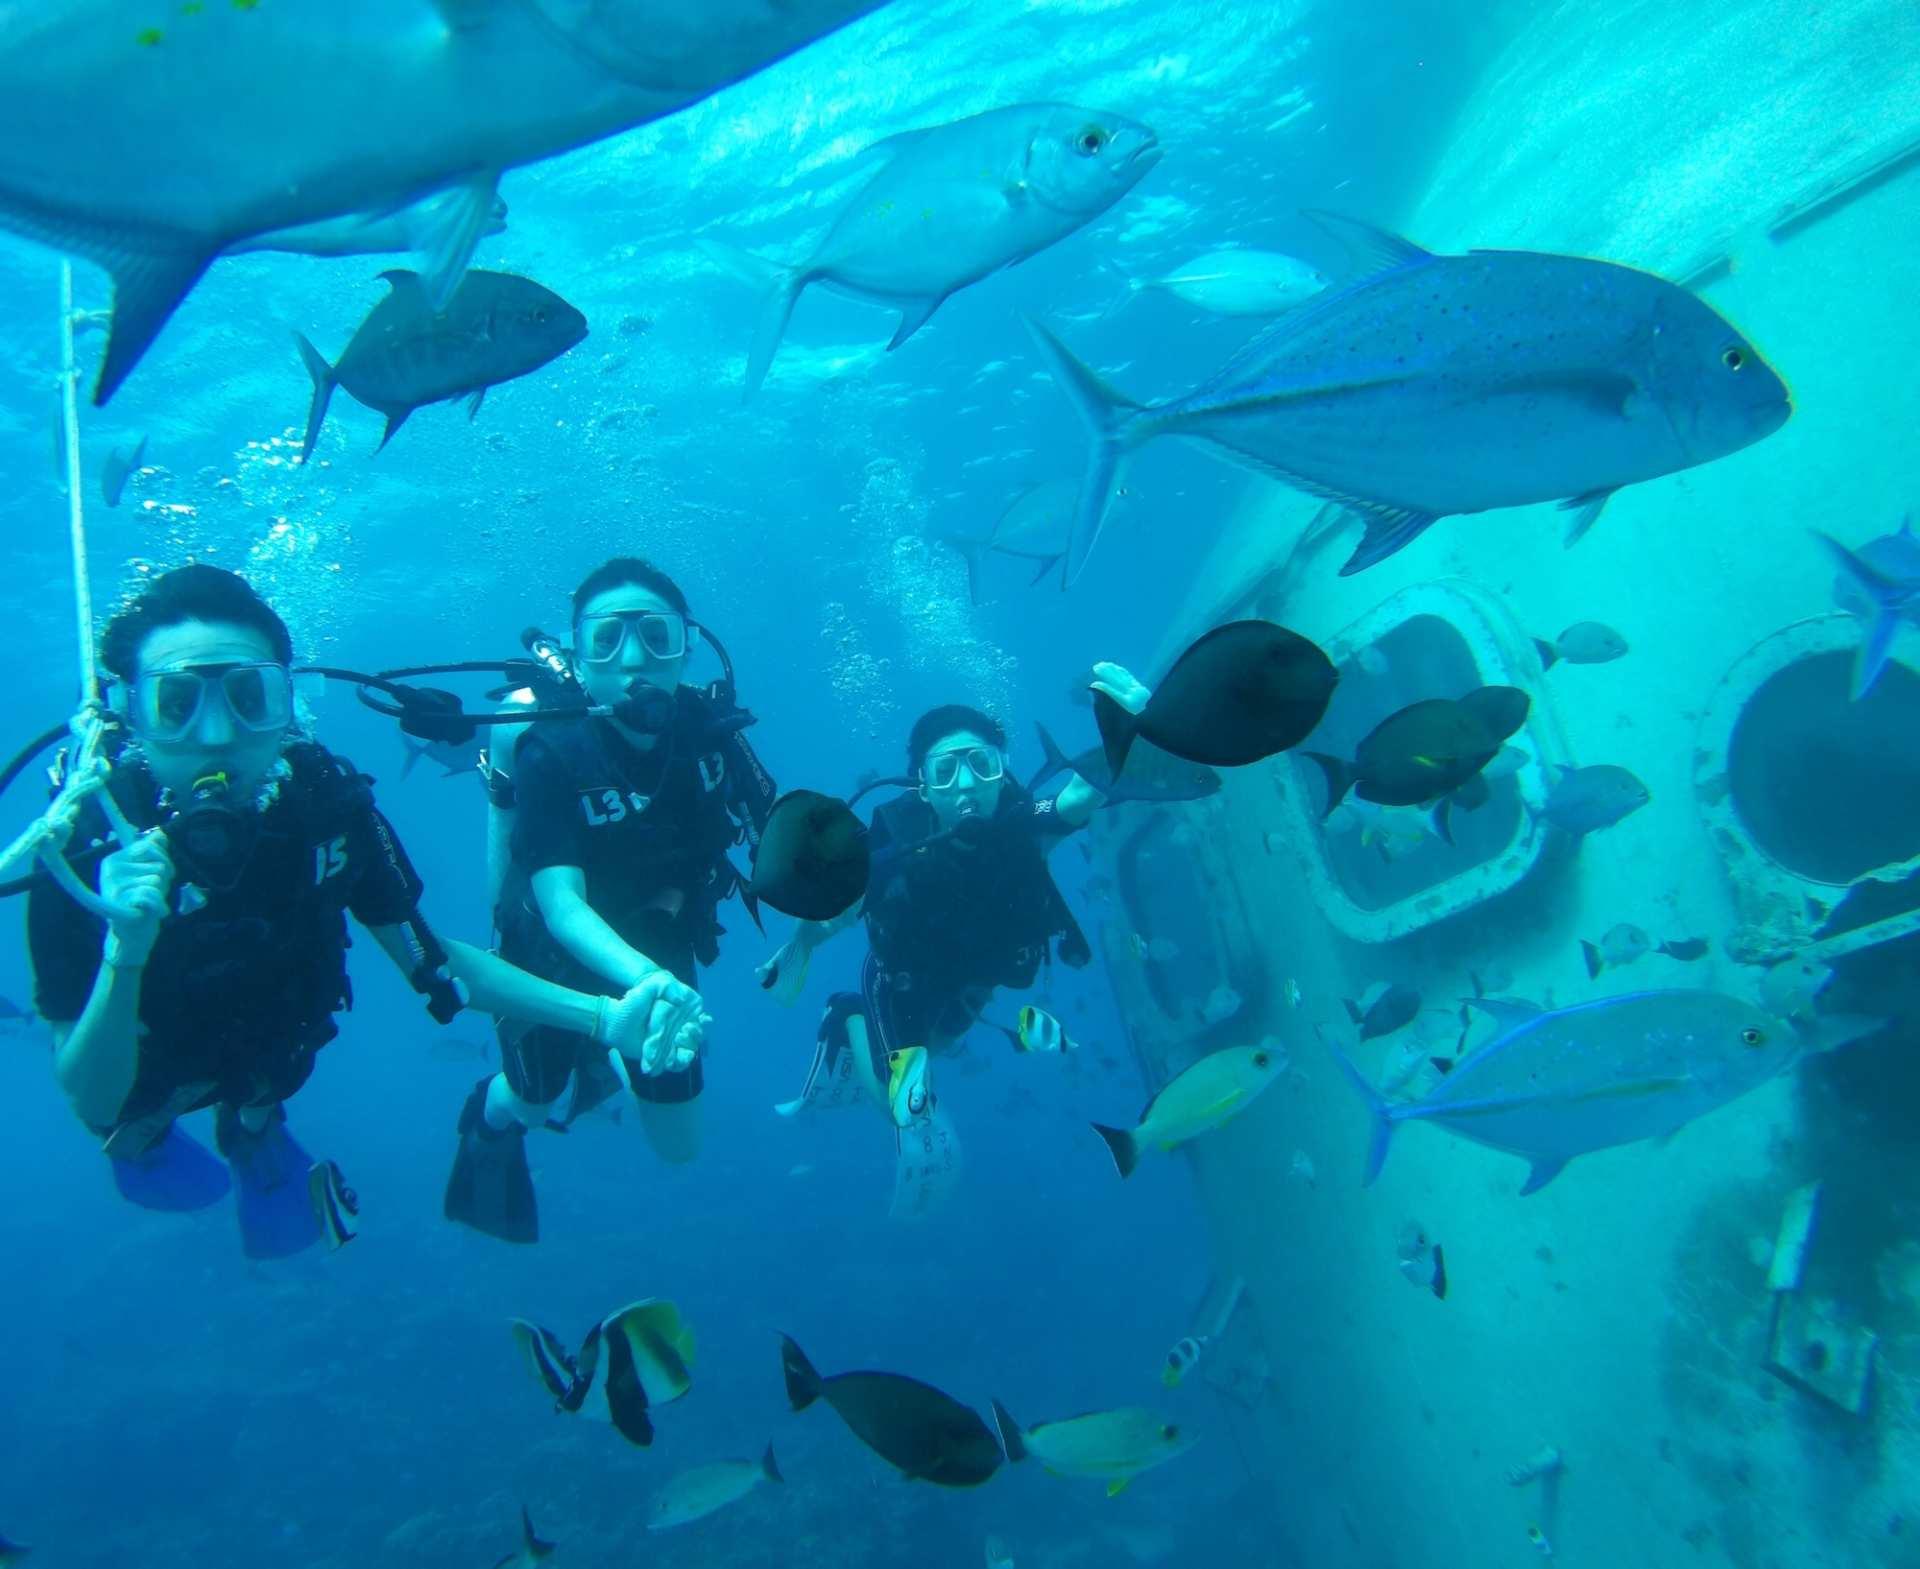 【海中の世界を探索】グアム島スクーバダイビング体験(ダイビングライセンス不要)